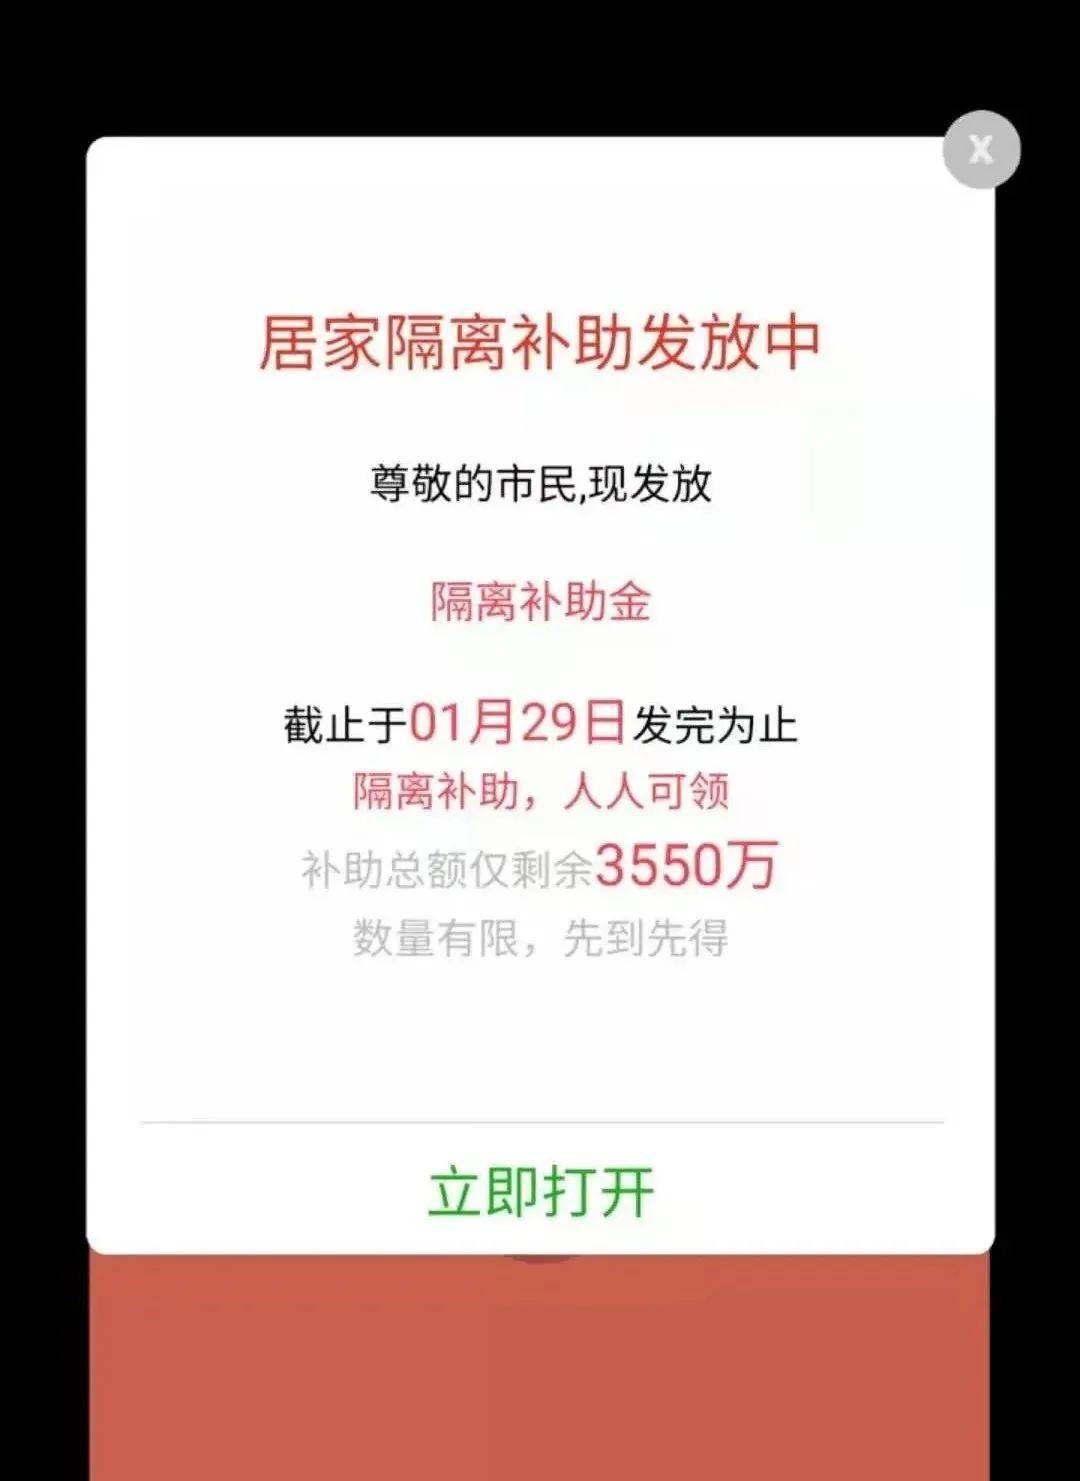 警惕有偿出售的微信红包封面 灰黑产已发现可乘之机的照片 - 8